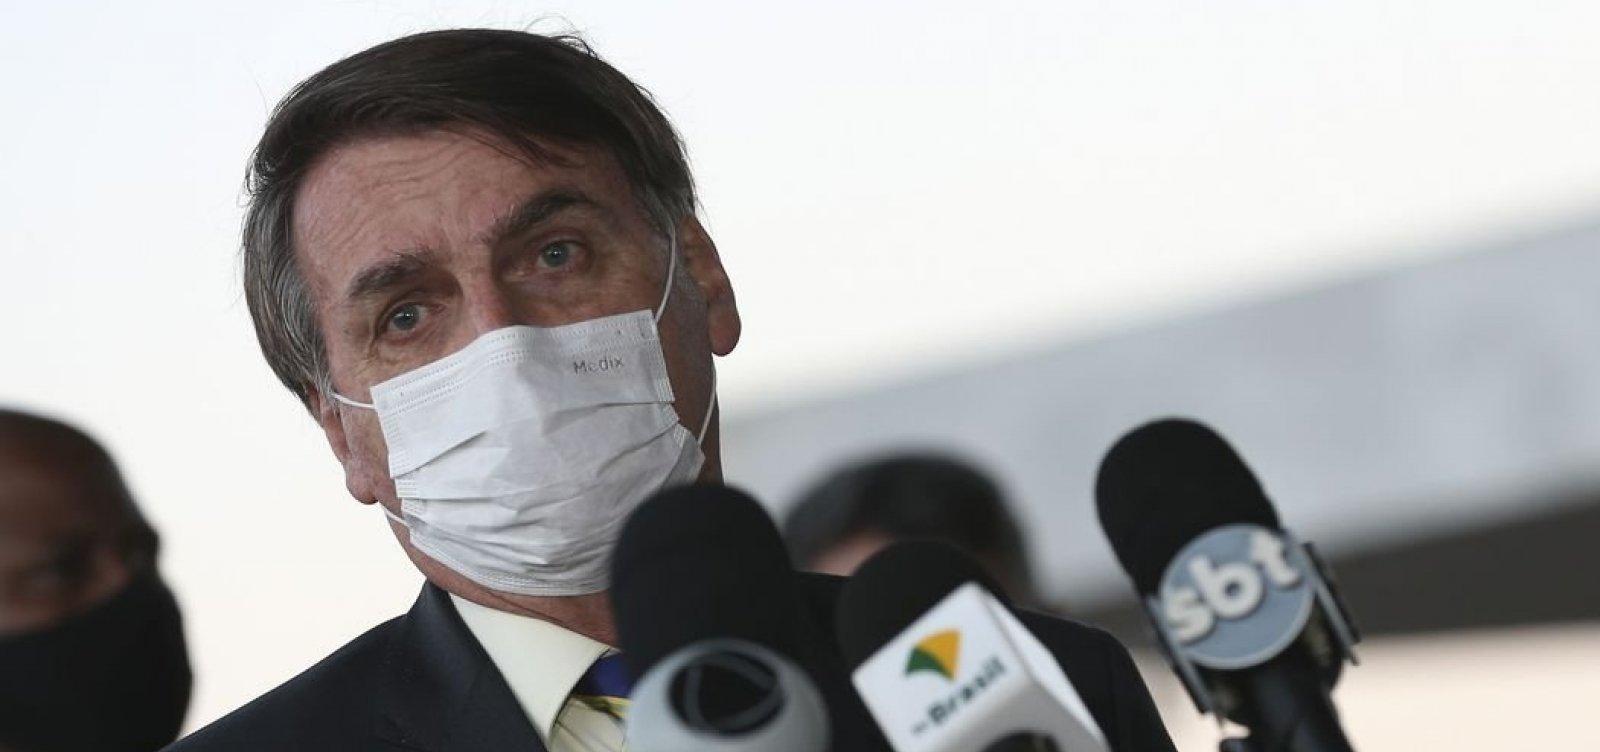 [Após Teich alertar sobre cloroquina, Bolsonaro defende remédio e pede ministros 'afinados' com ele]